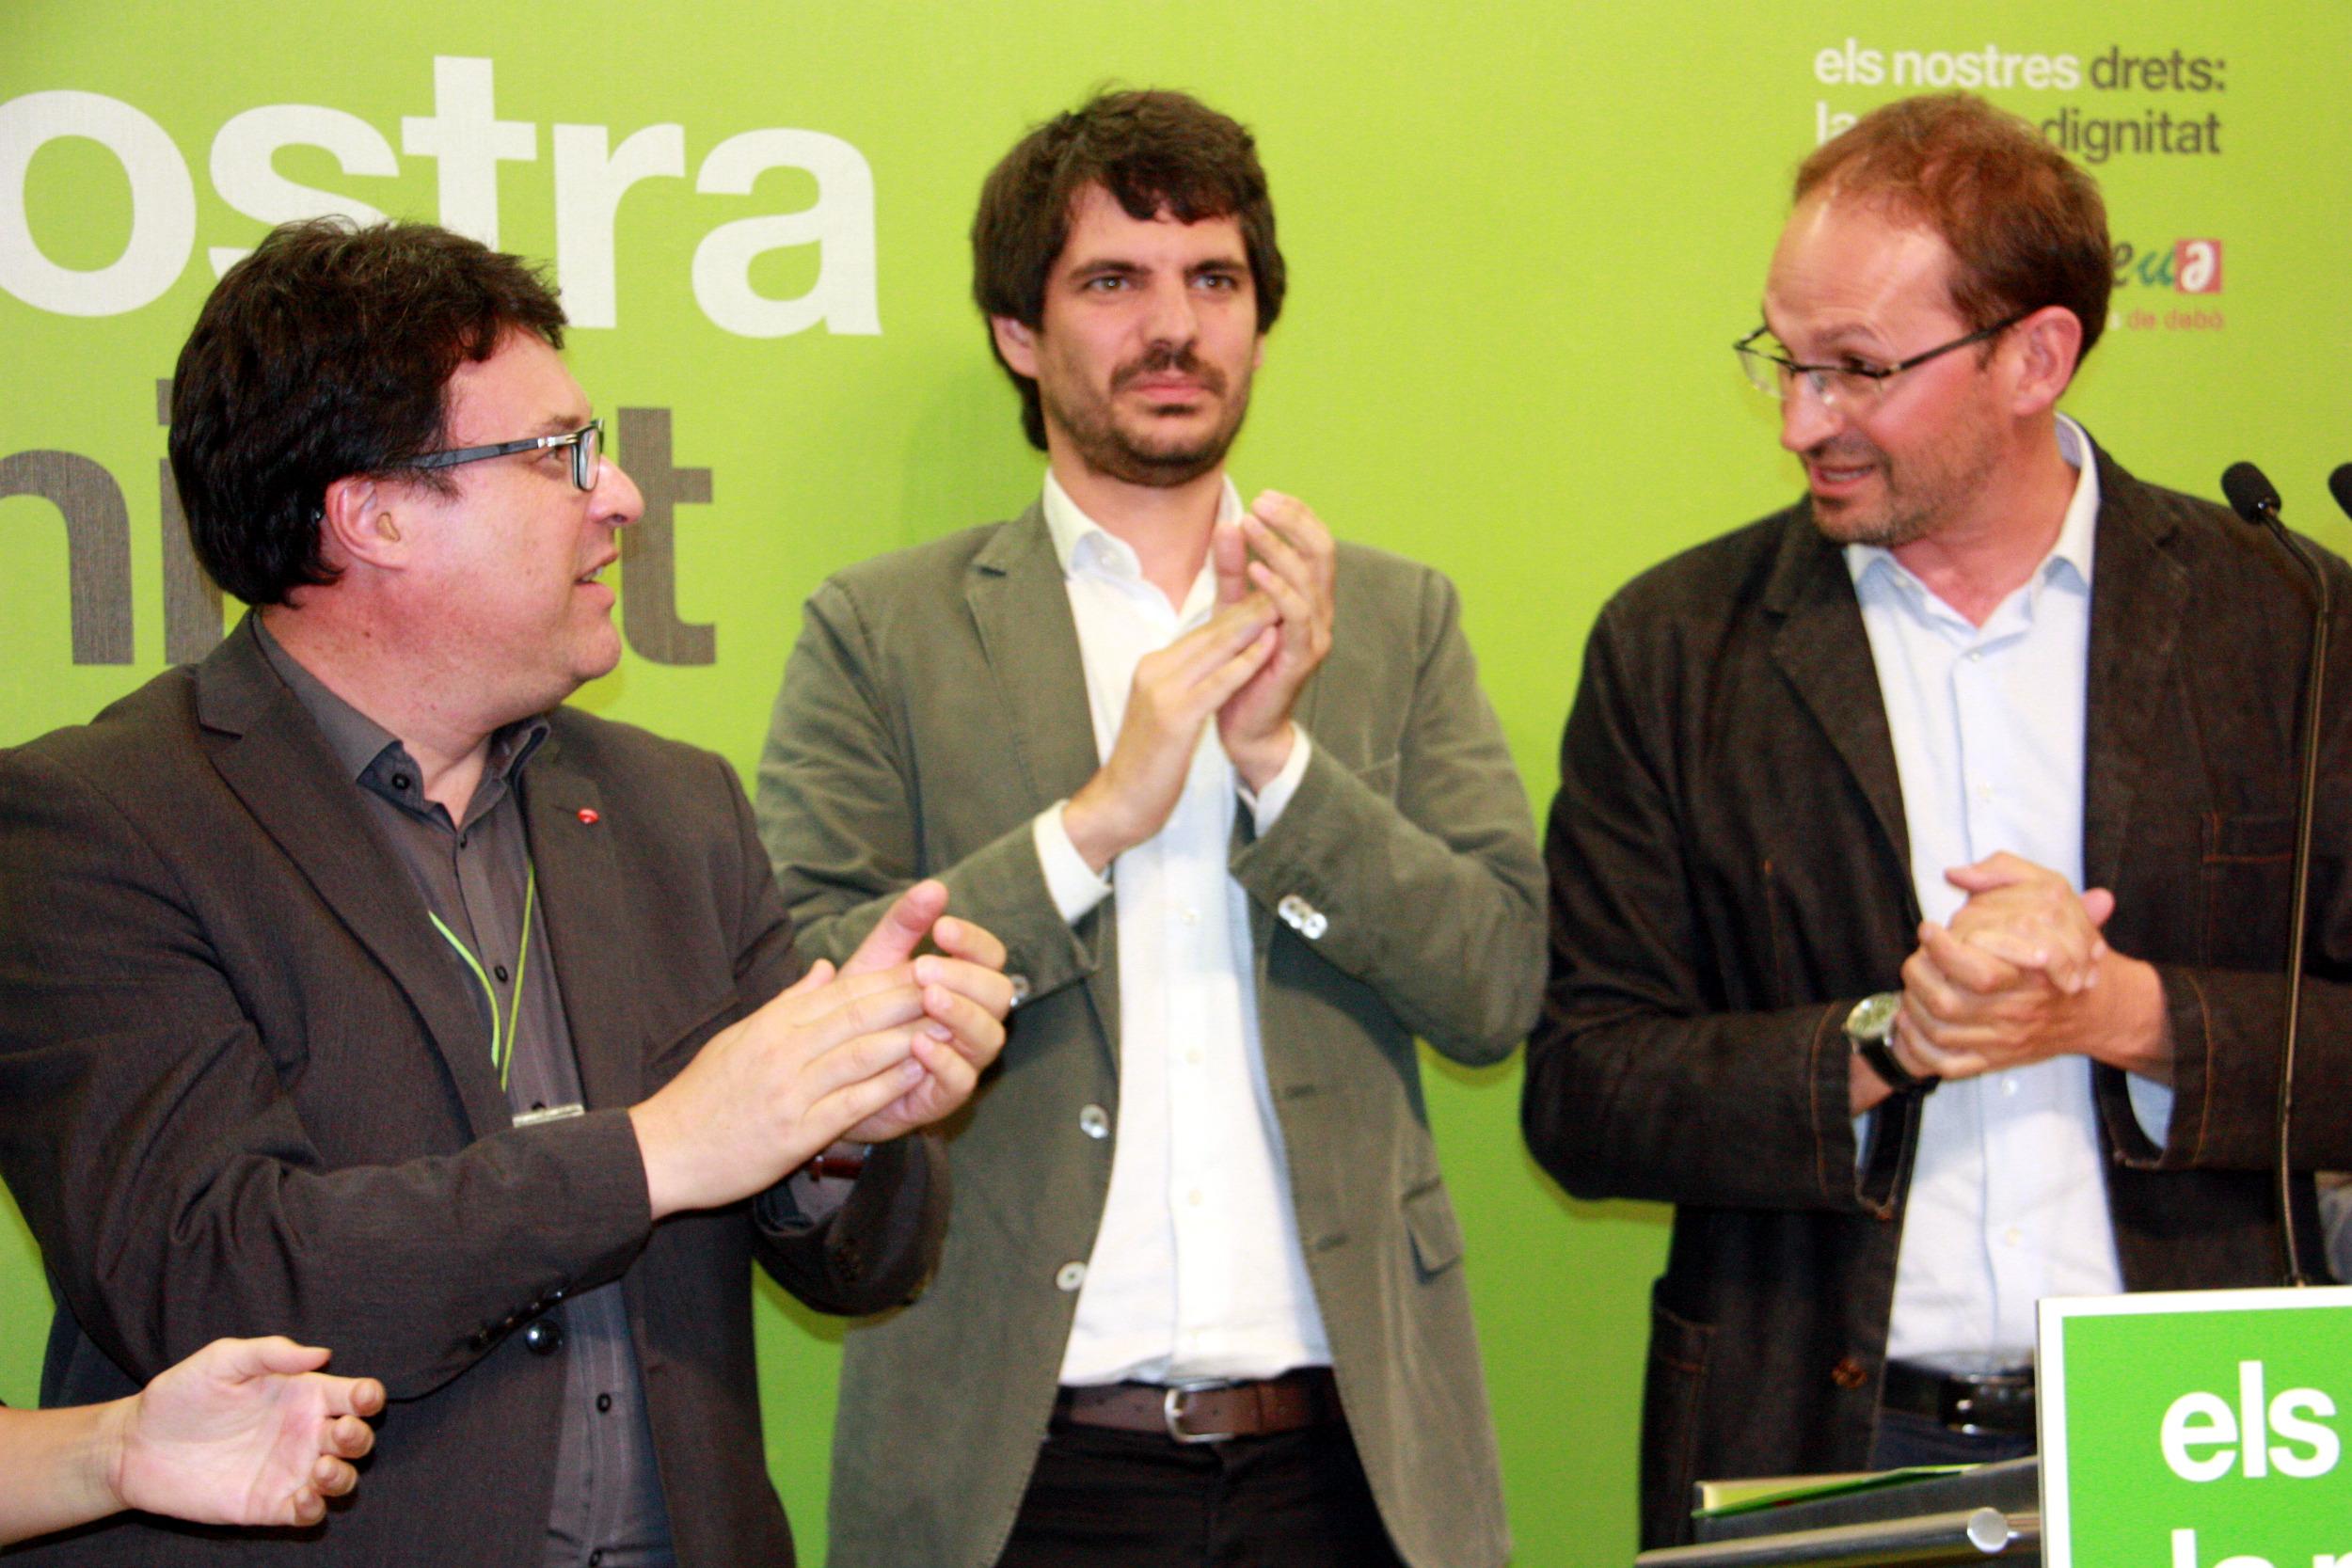 L'europarlamentari Ernest Urtasun en roda de premsa per valorar els resultats de les eleccions europees.